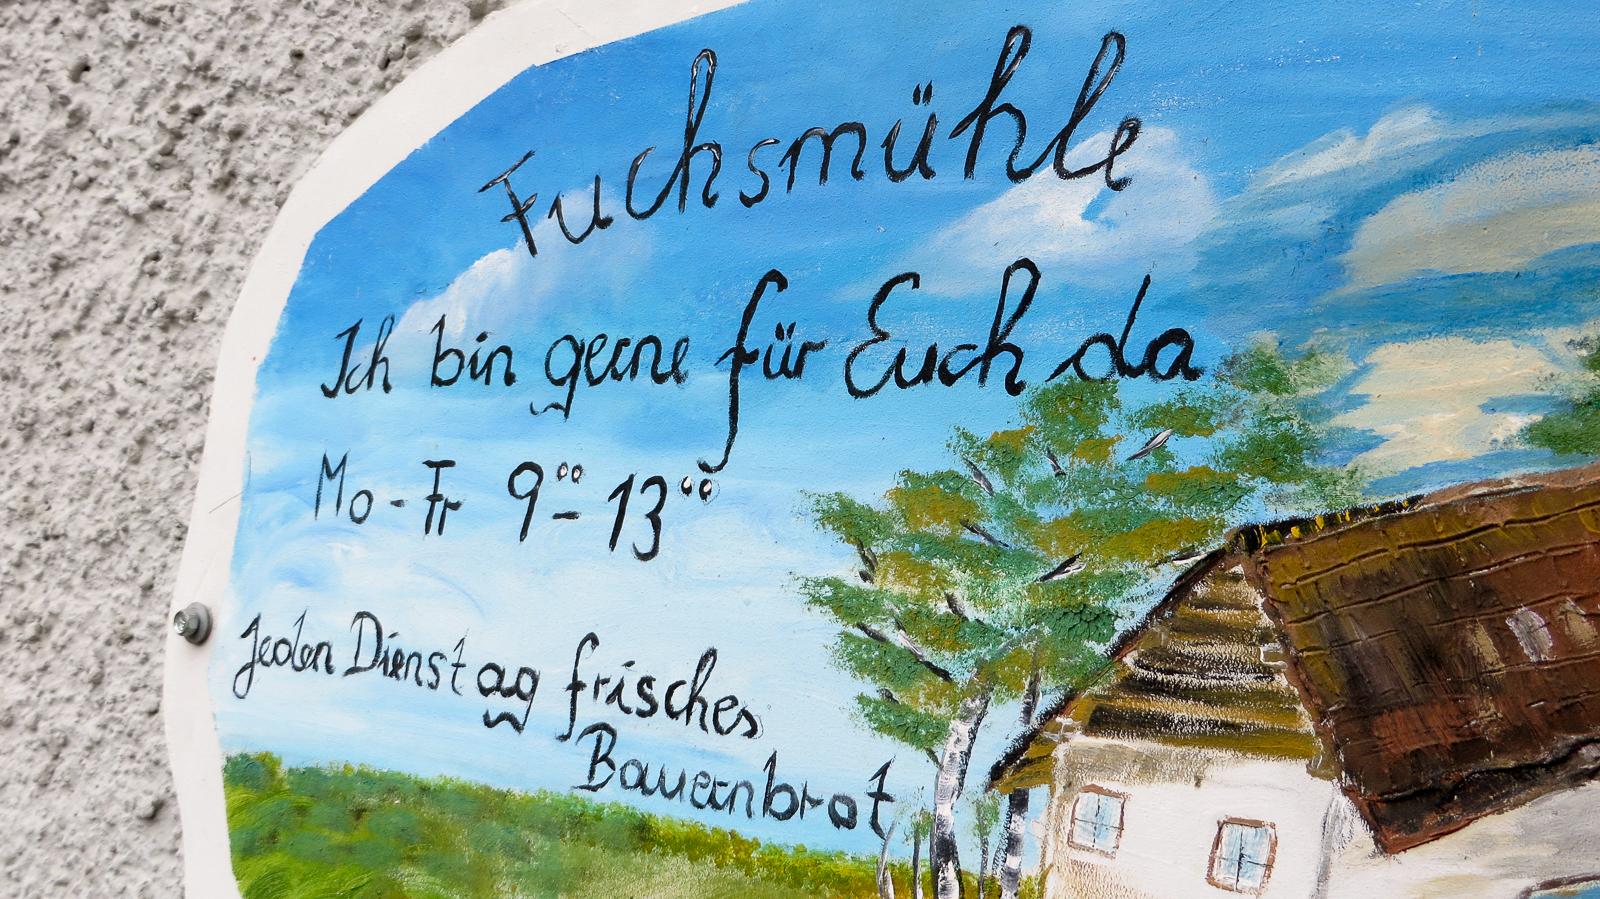 Dienstags gibt es frisches Bauernbrot in der Fuchsmühle.